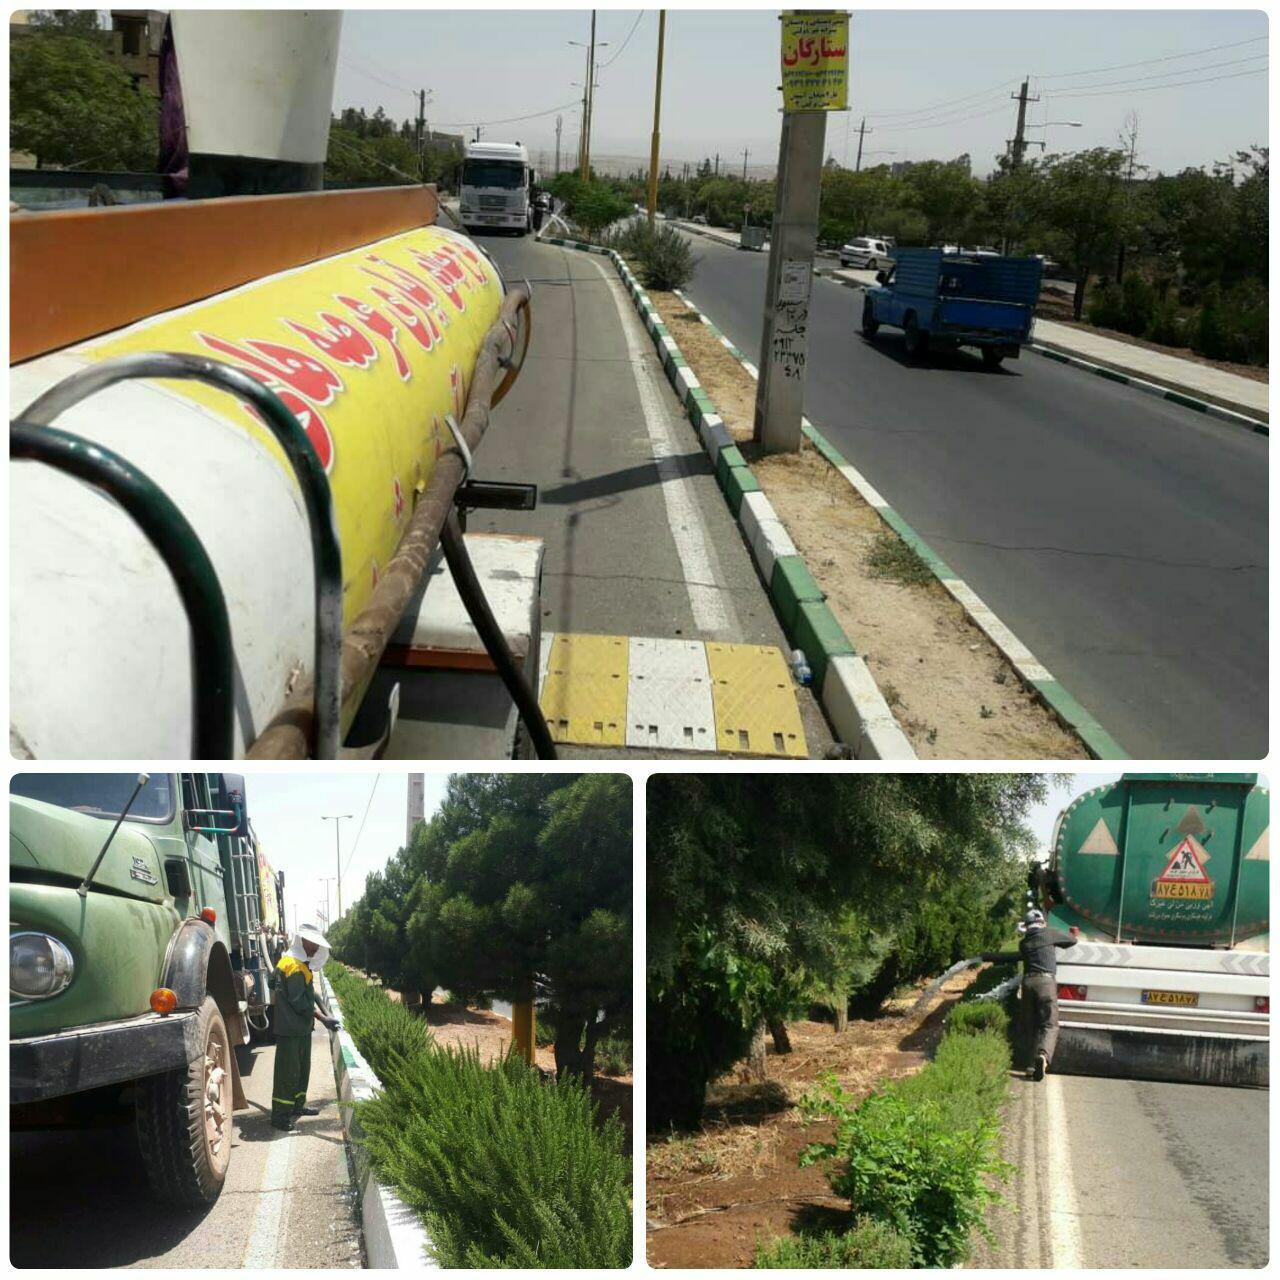 درختان پرند سیراب می شوند / تدابیر شهرداری پرند برای آبیاری گسترده فضای سبز